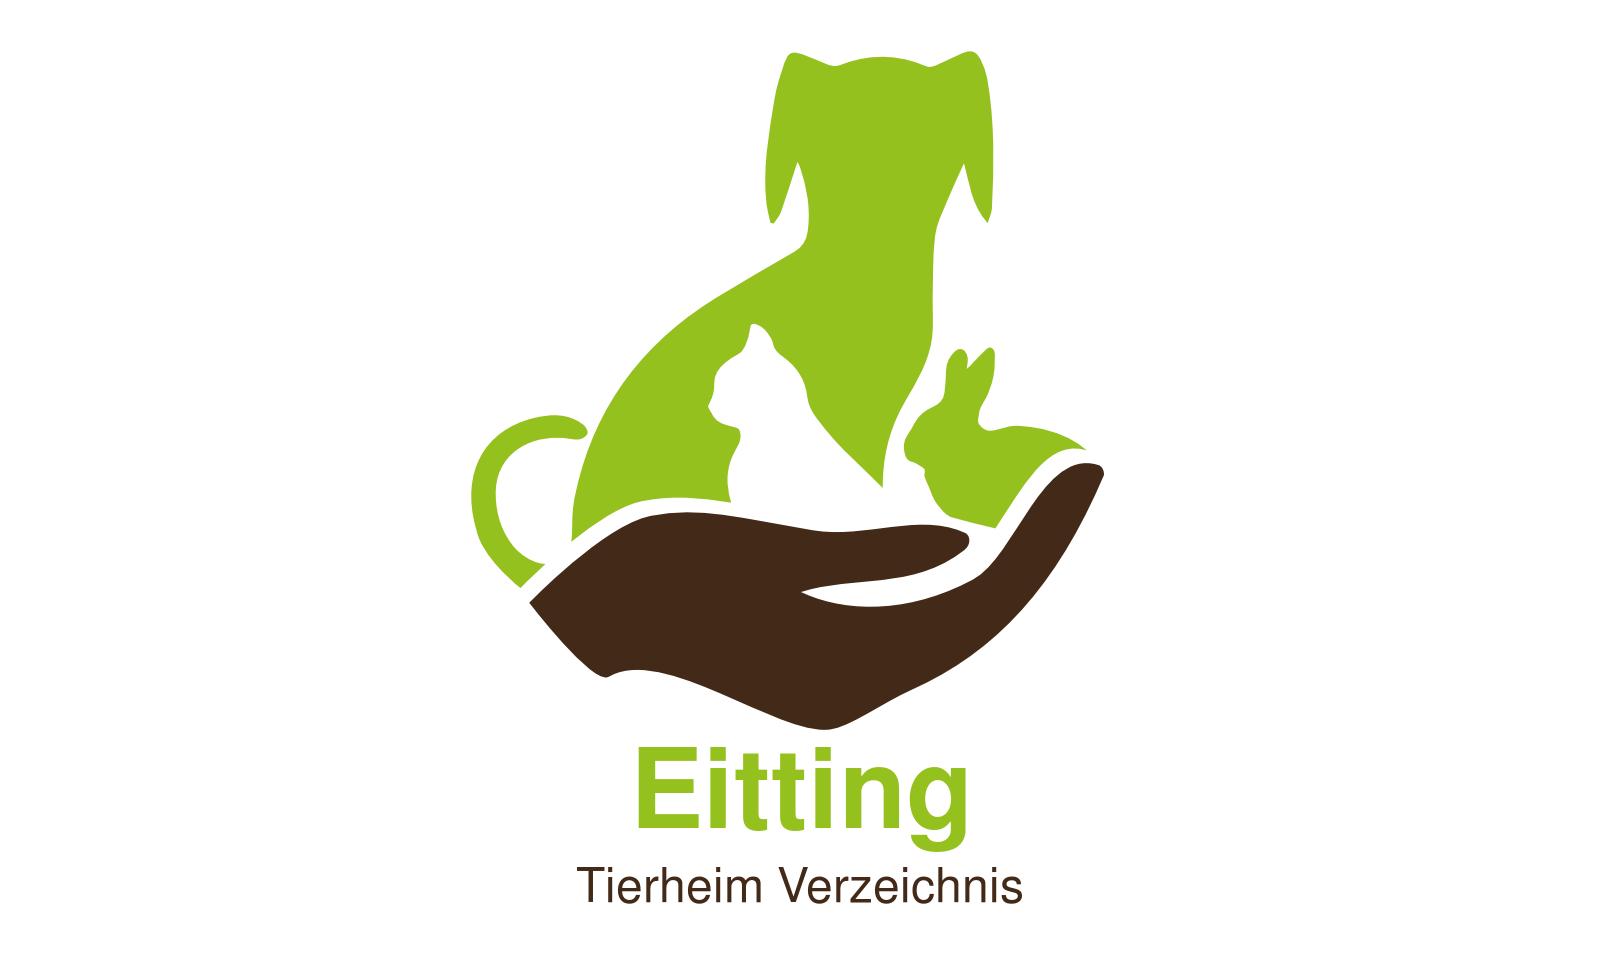 Tierheim Eitting